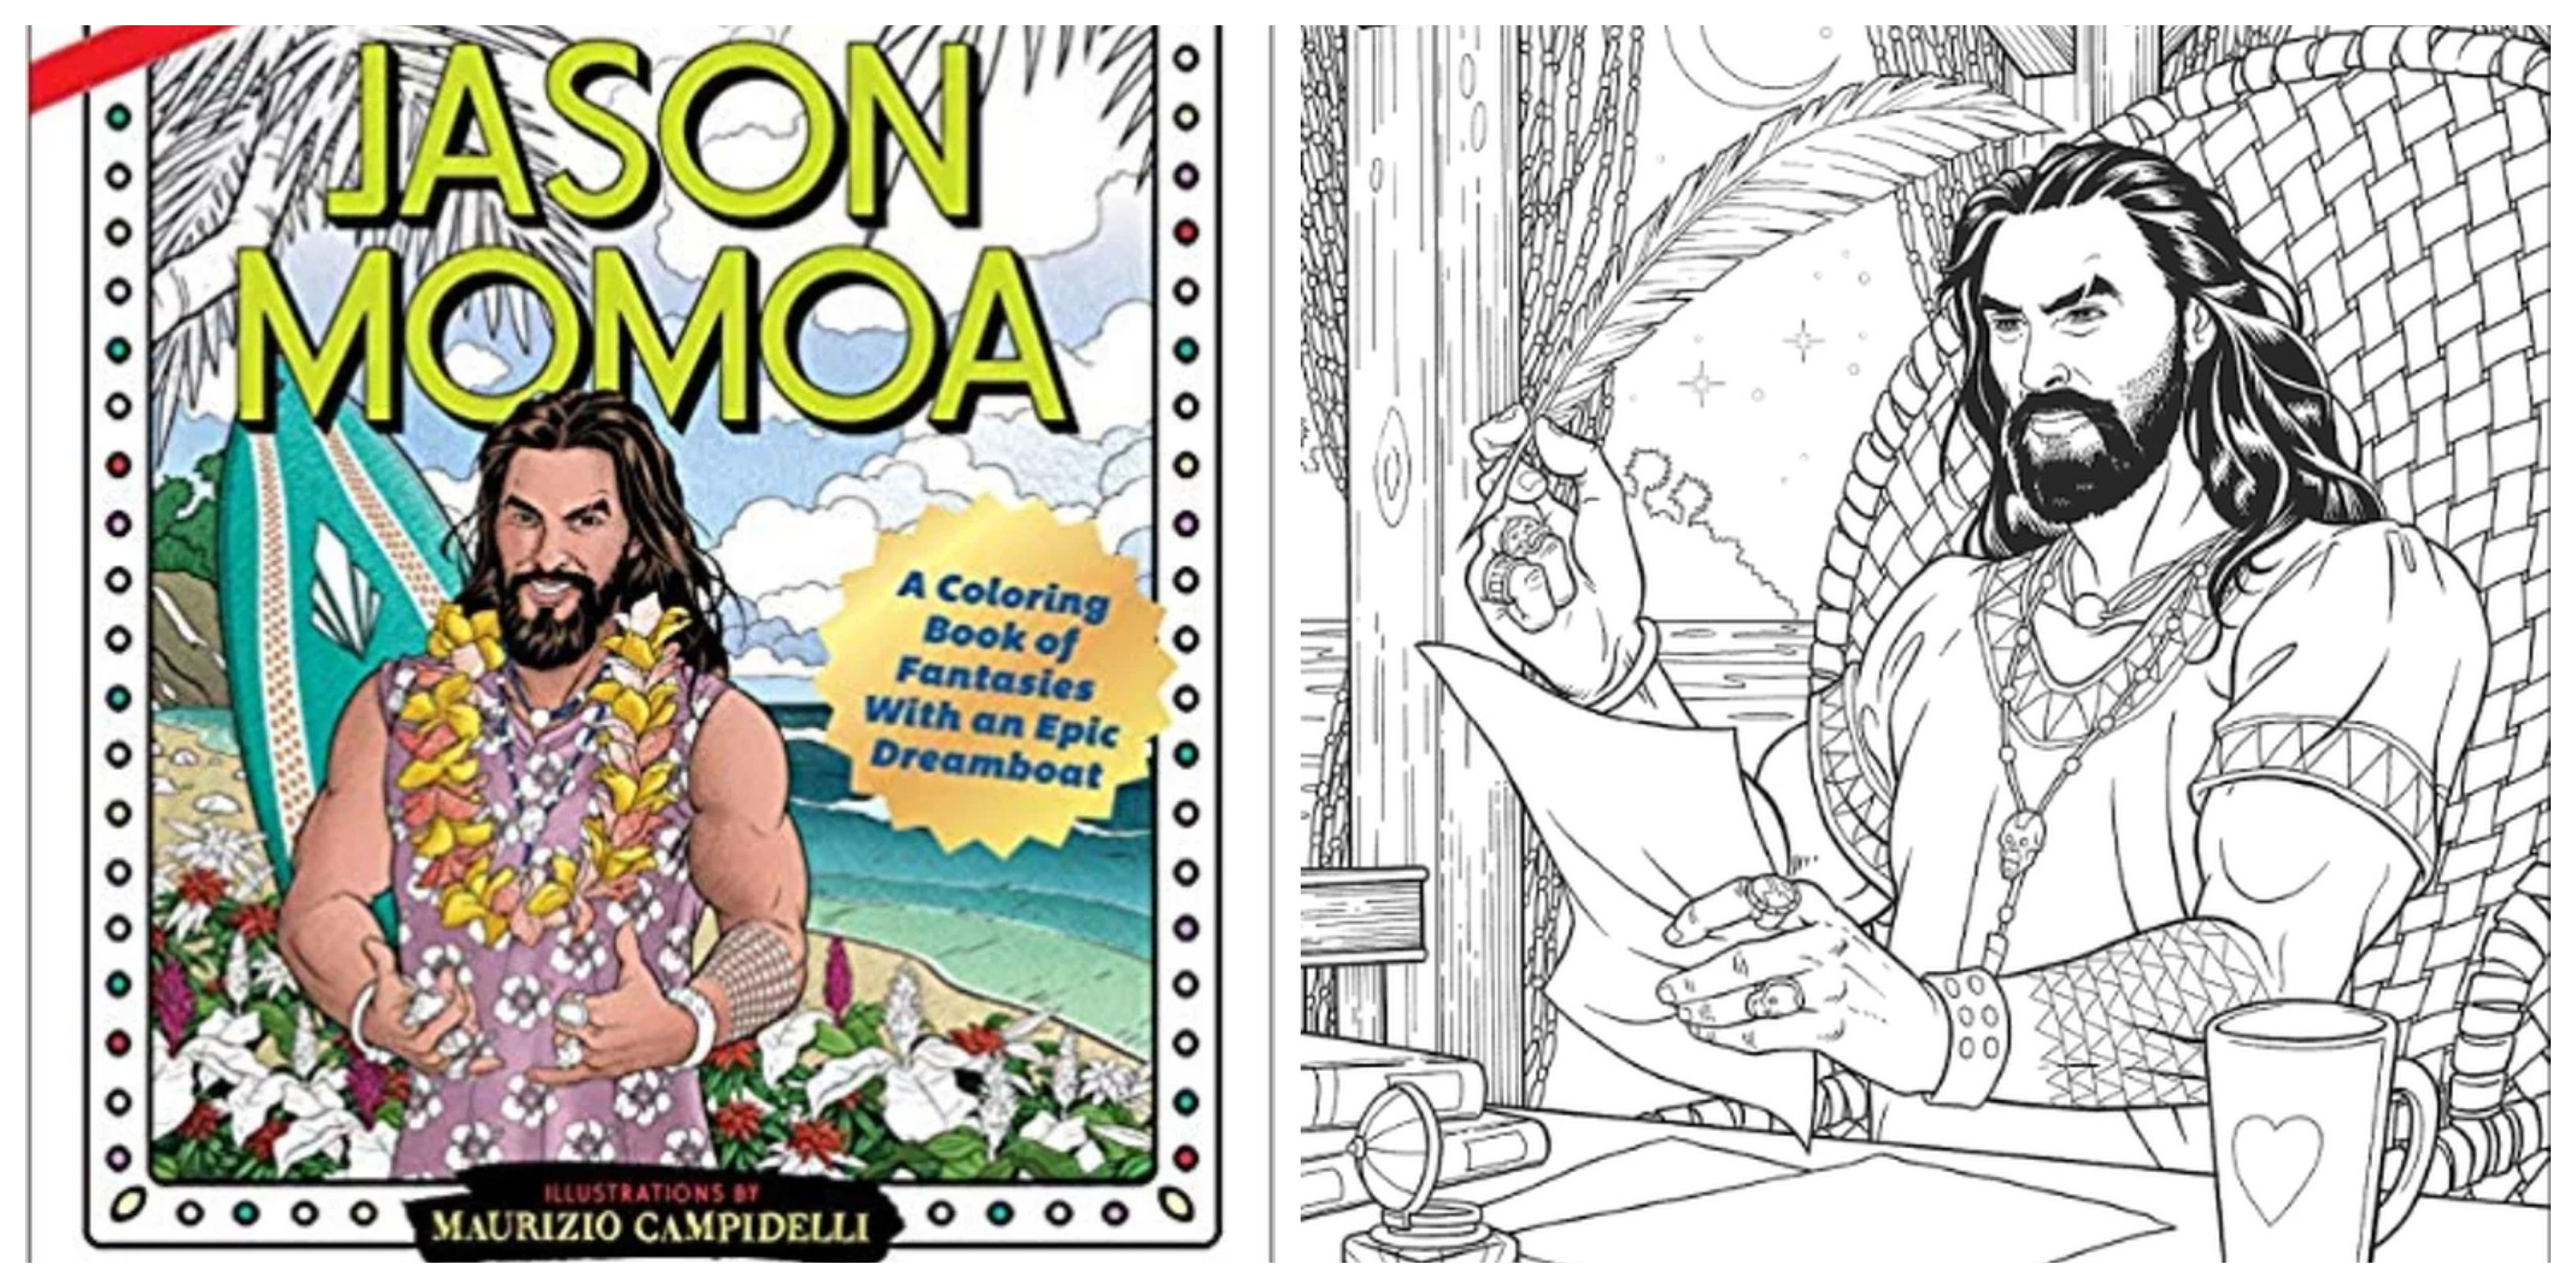 Za umanjivanje stresa: Žene obožavaju bojanku čiji je glavni lik Jason Momoa!